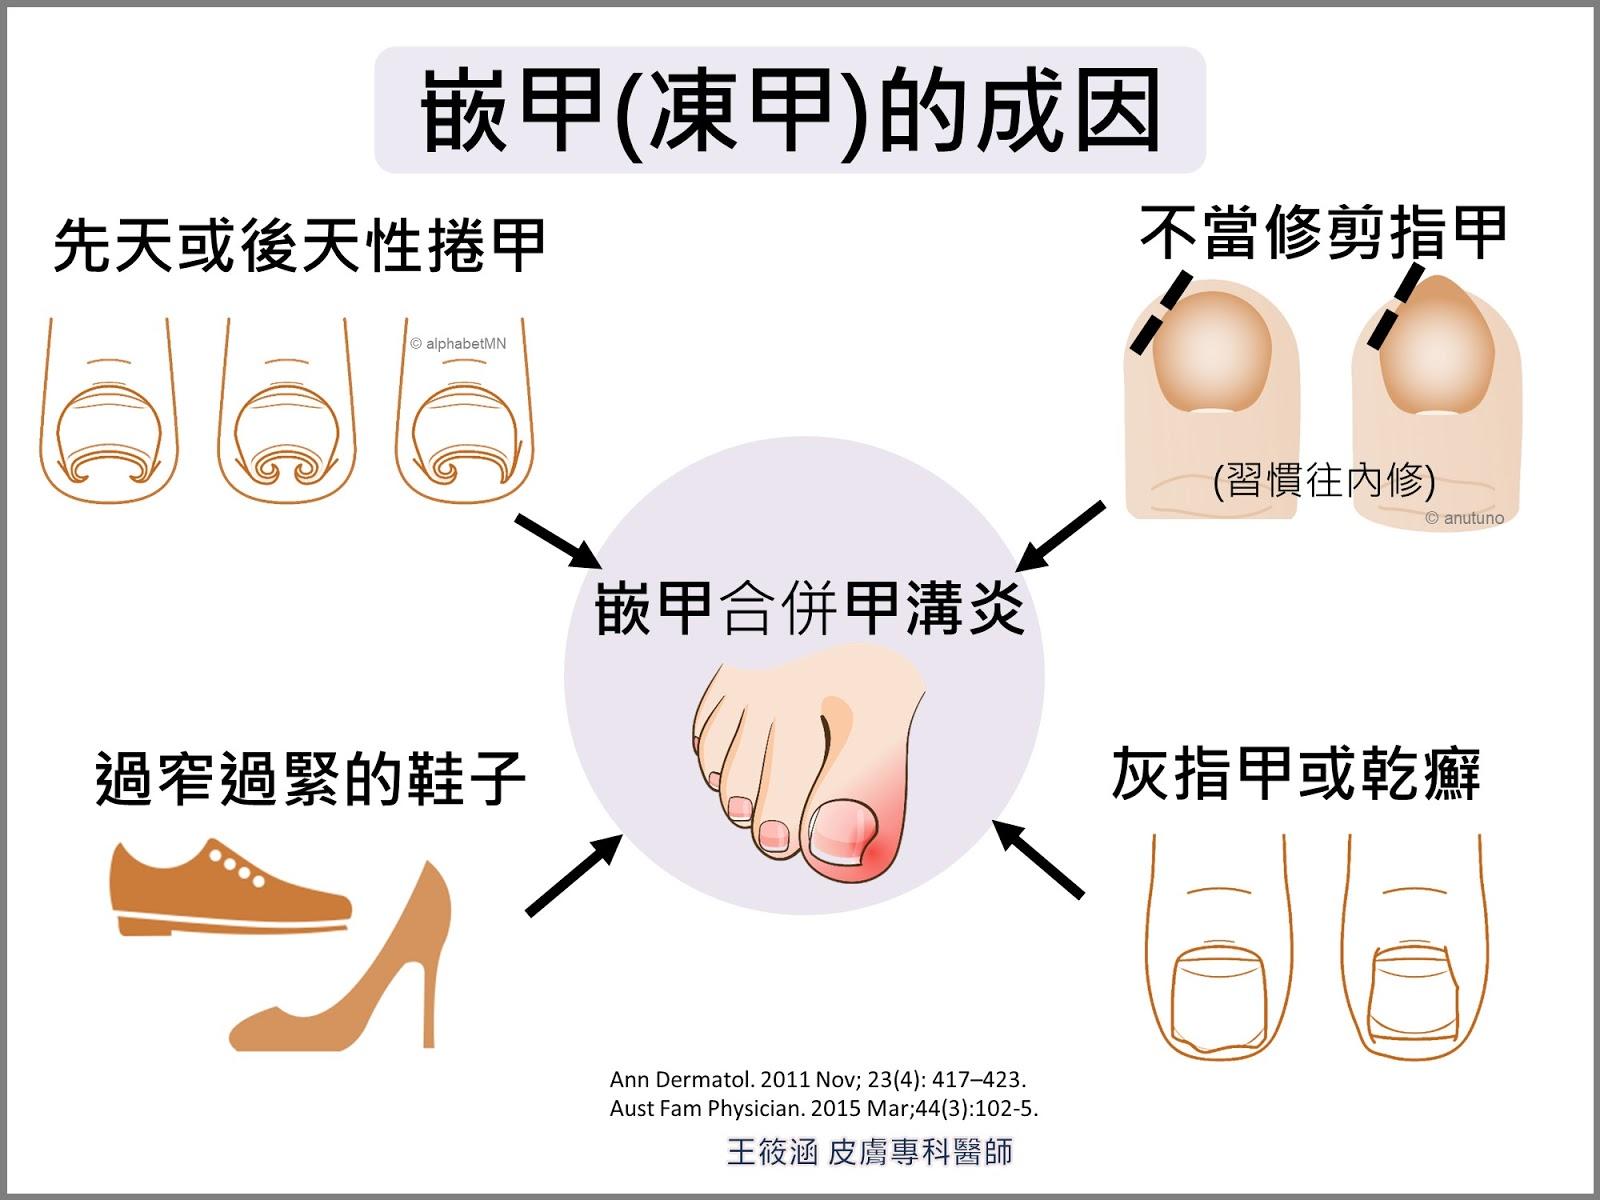 王筱涵醫師。皮膚專科。醫學與美學部落格。: 凍甲越修剪越糟, 該怎麼保養和治療